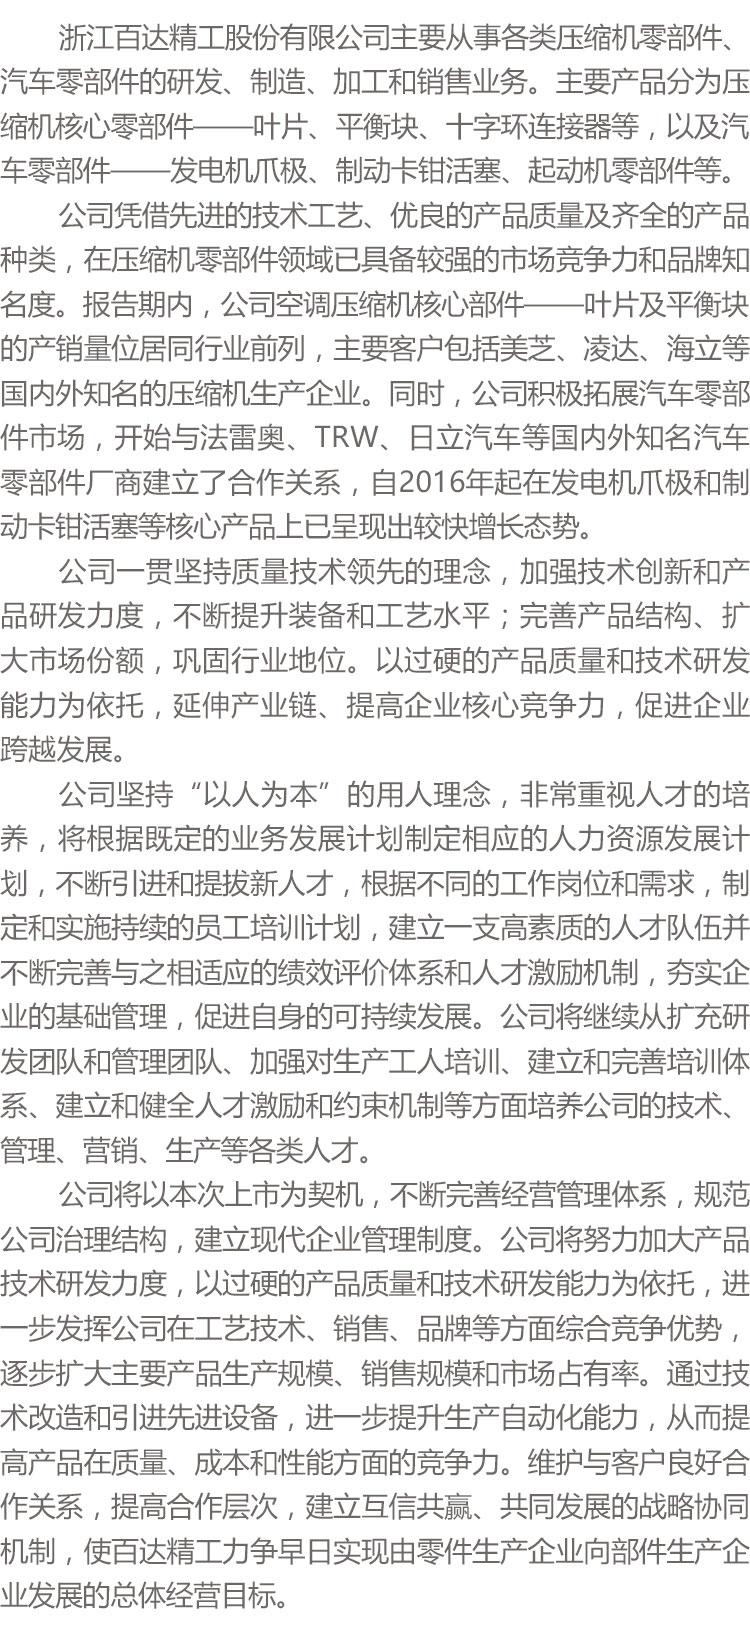 百达精工路演_03.jpg